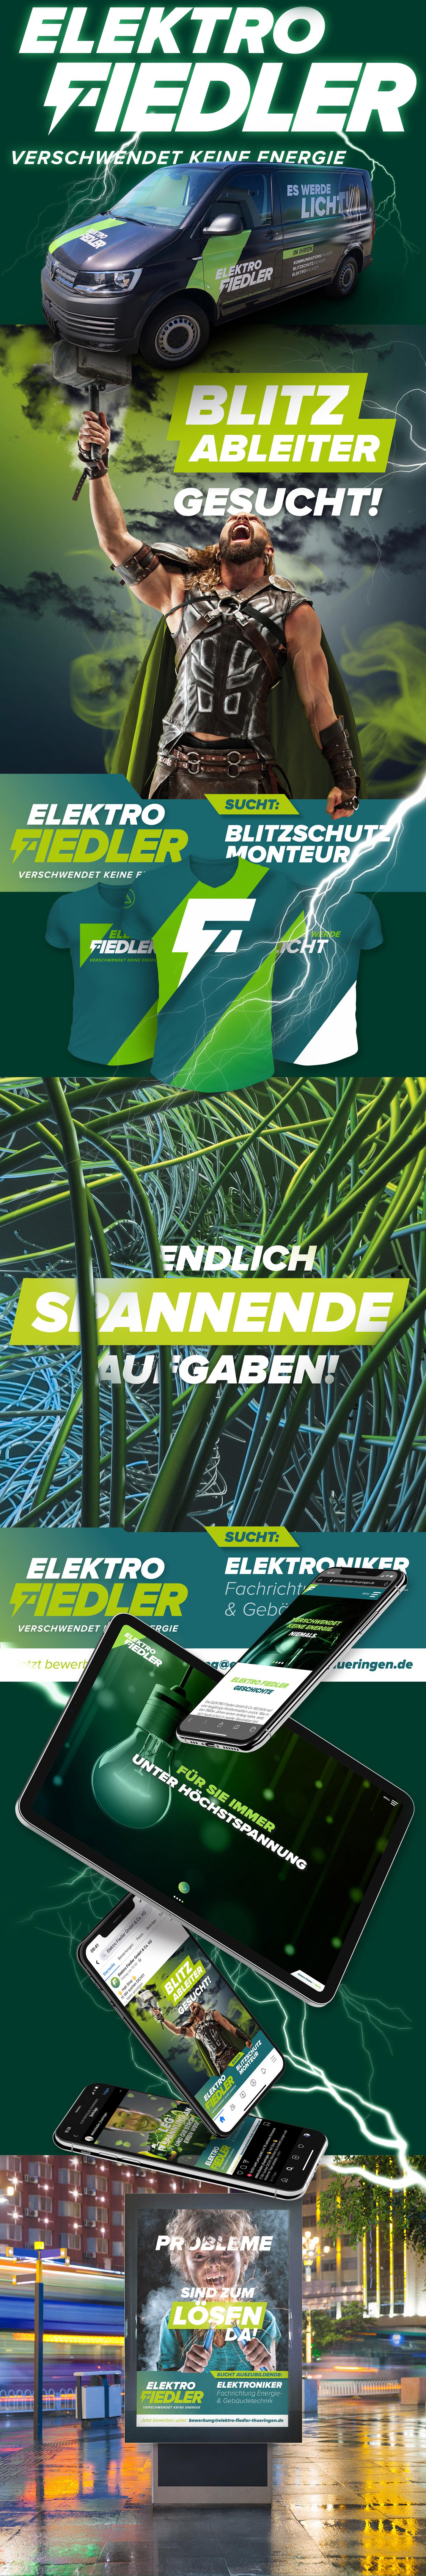 Samt&Seidel_Elektro-Fiedler_Design_04